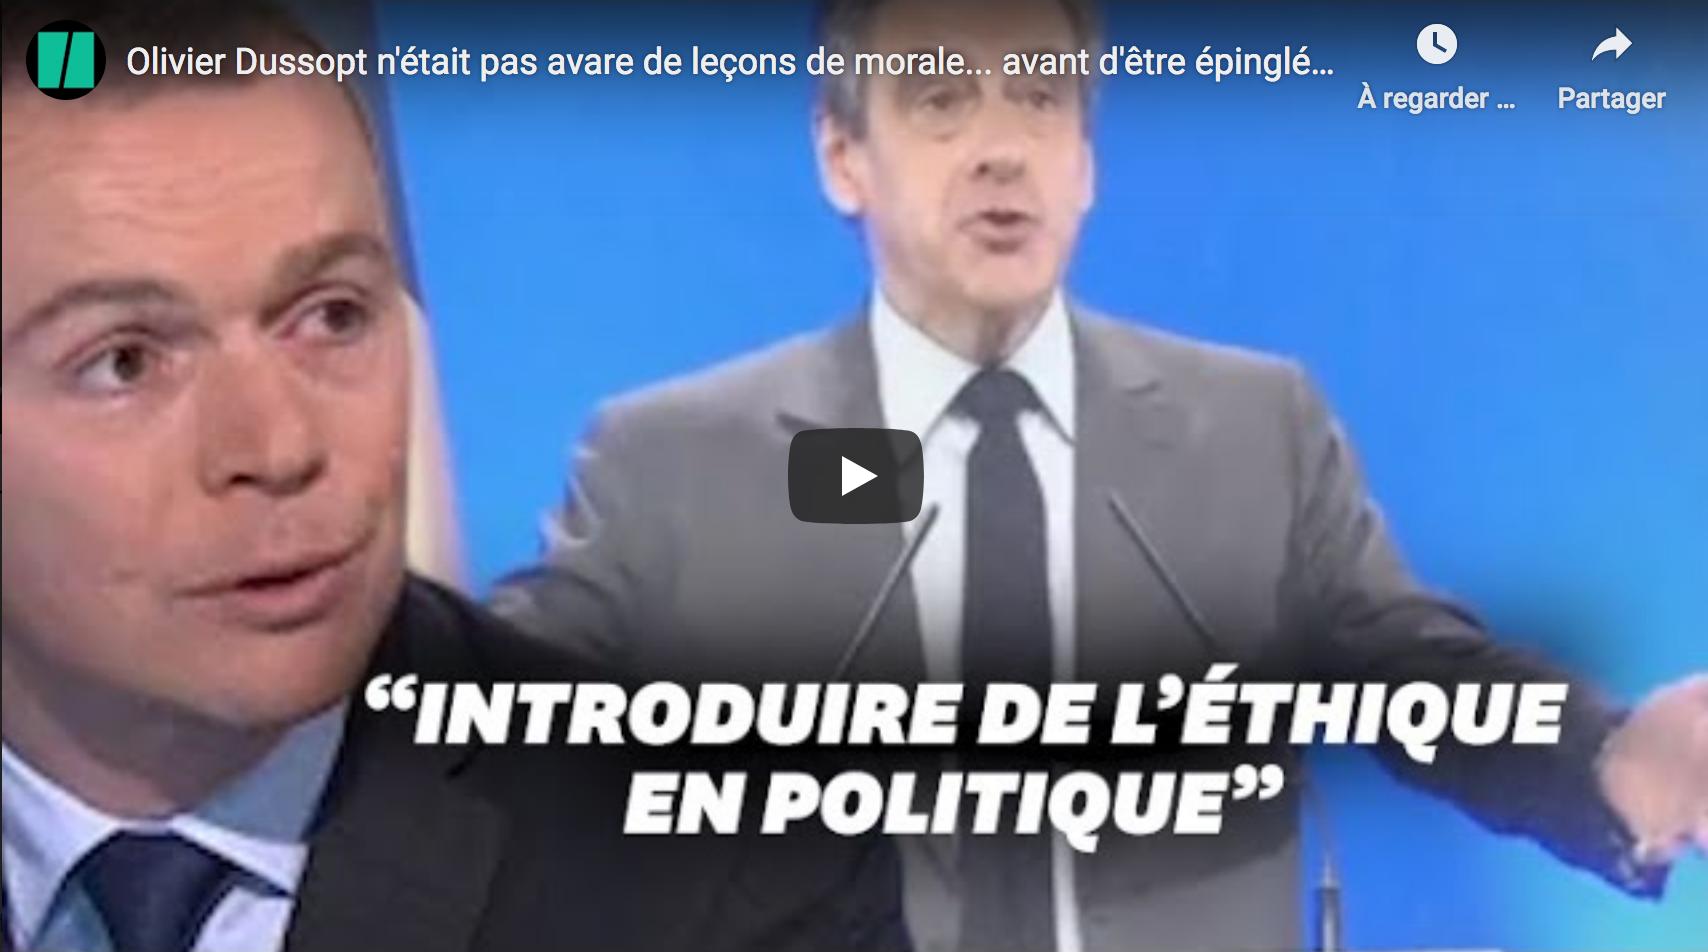 Le secrétaire d'État Olivier Dussopt pas avare de leçons de morale… avant d'être épinglé à son tour (VIDÉO)